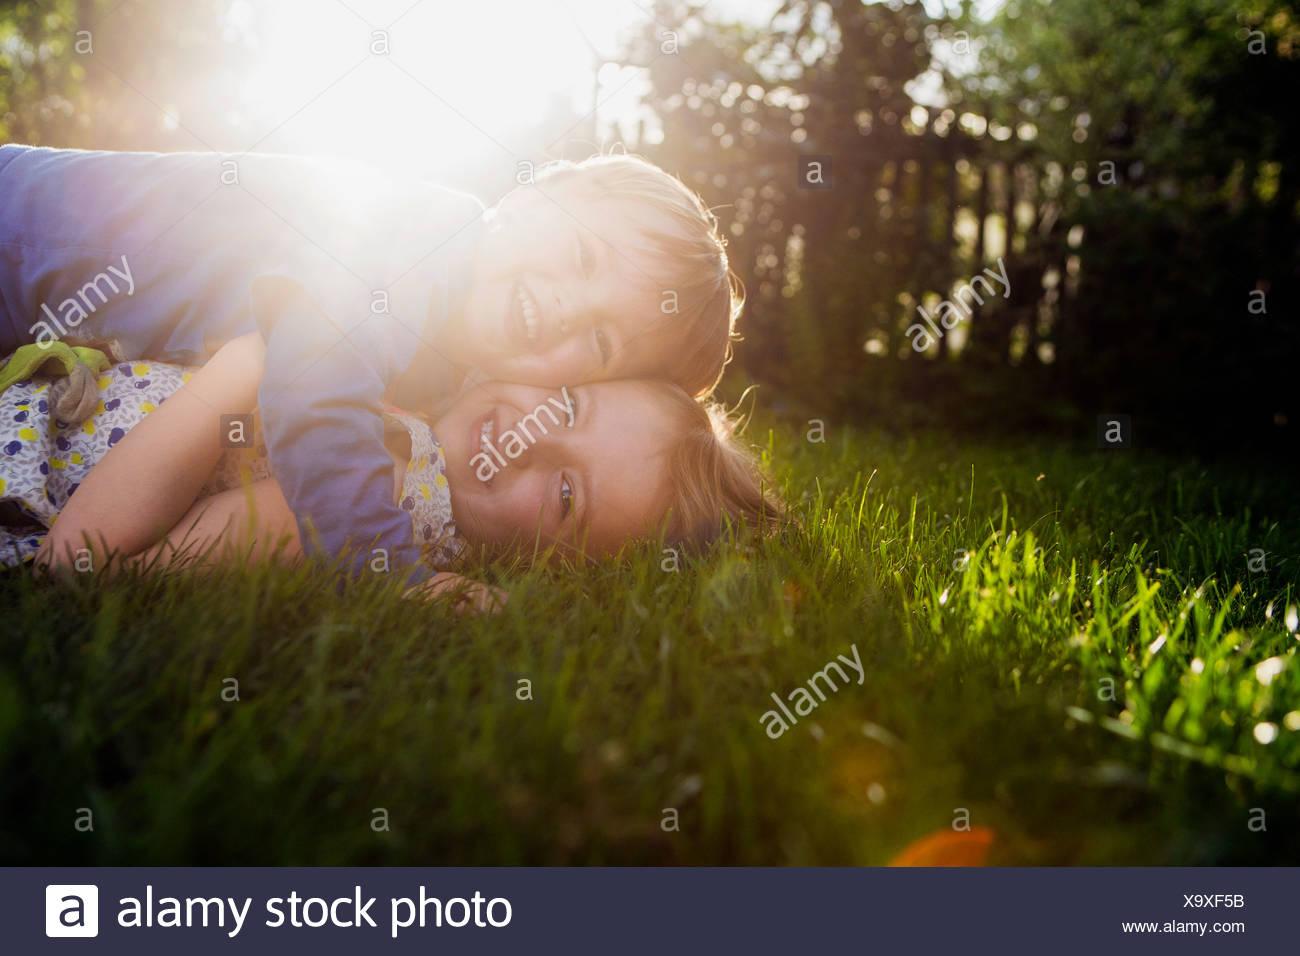 Fratello e Sorella giacente su erba, avvolgente Immagini Stock